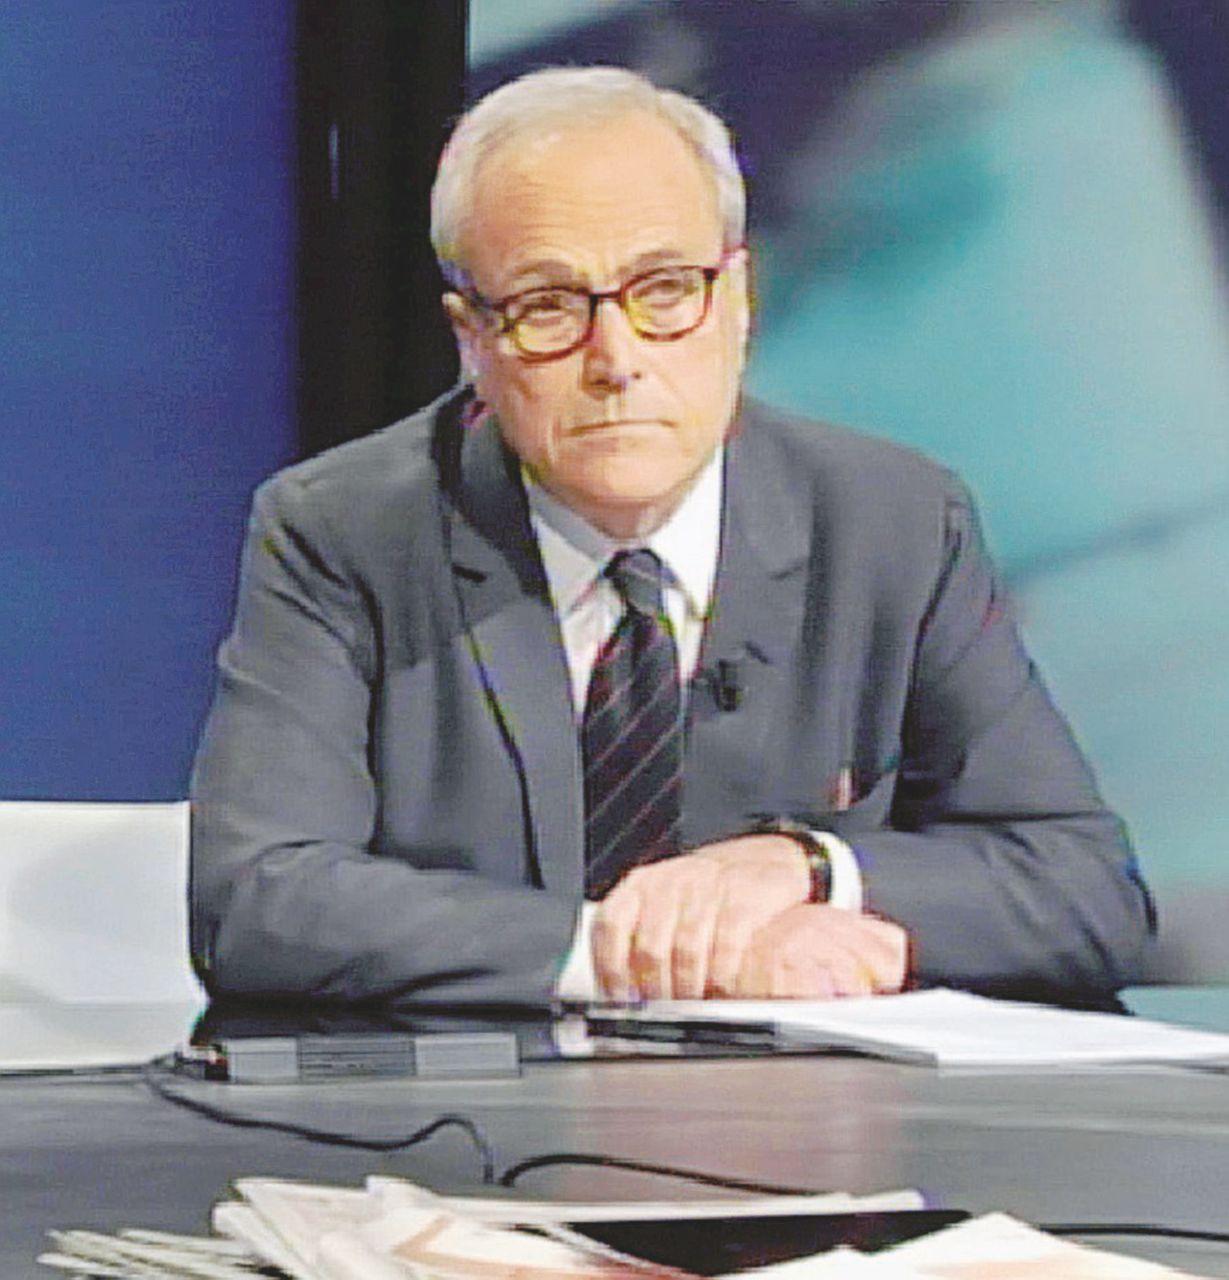 In Edicola sul Fatto del 9 gennaio: Viale Renzini. Merlo (contratto da 240 mila euro) attacca su Rai3